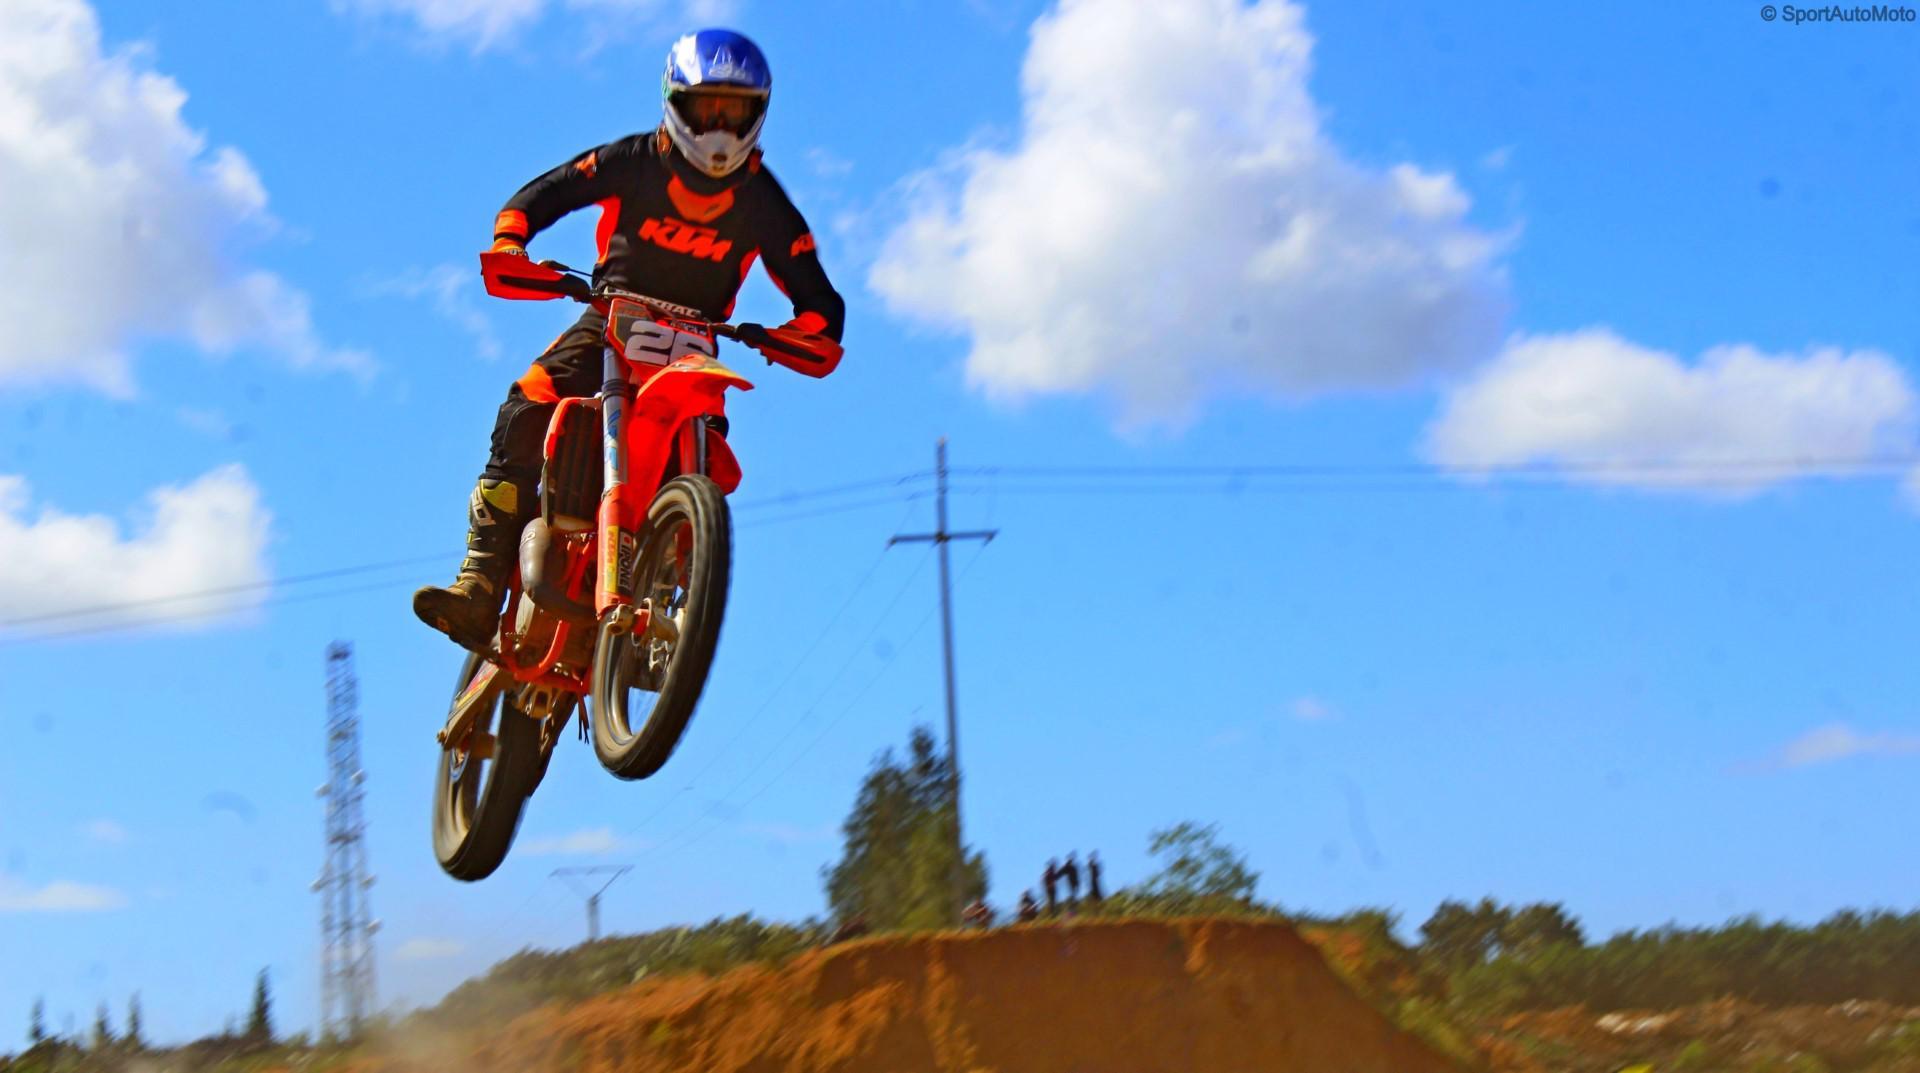 championnat-du-maroc-de-motocross-kenitra-774-14.jpg